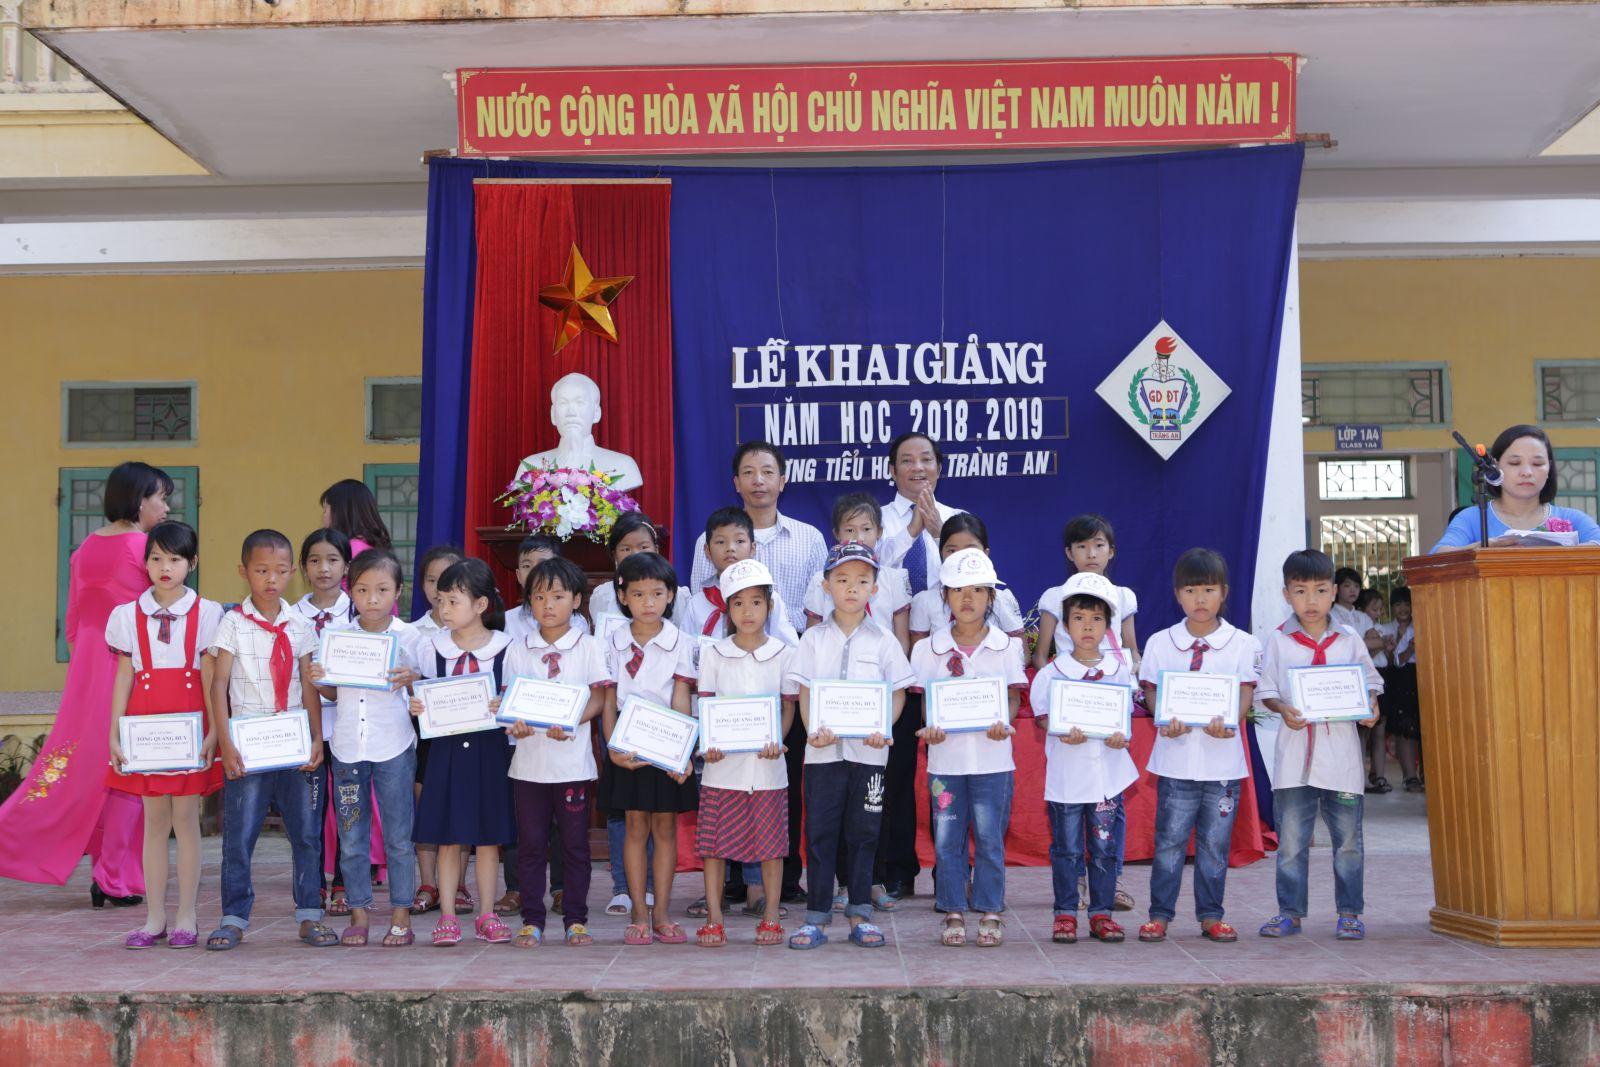 Học sinh có hoàn cảnh khó khăn nhận quà của ông Tống Quang Huy - GĐ Cty giấy Hải Tiến